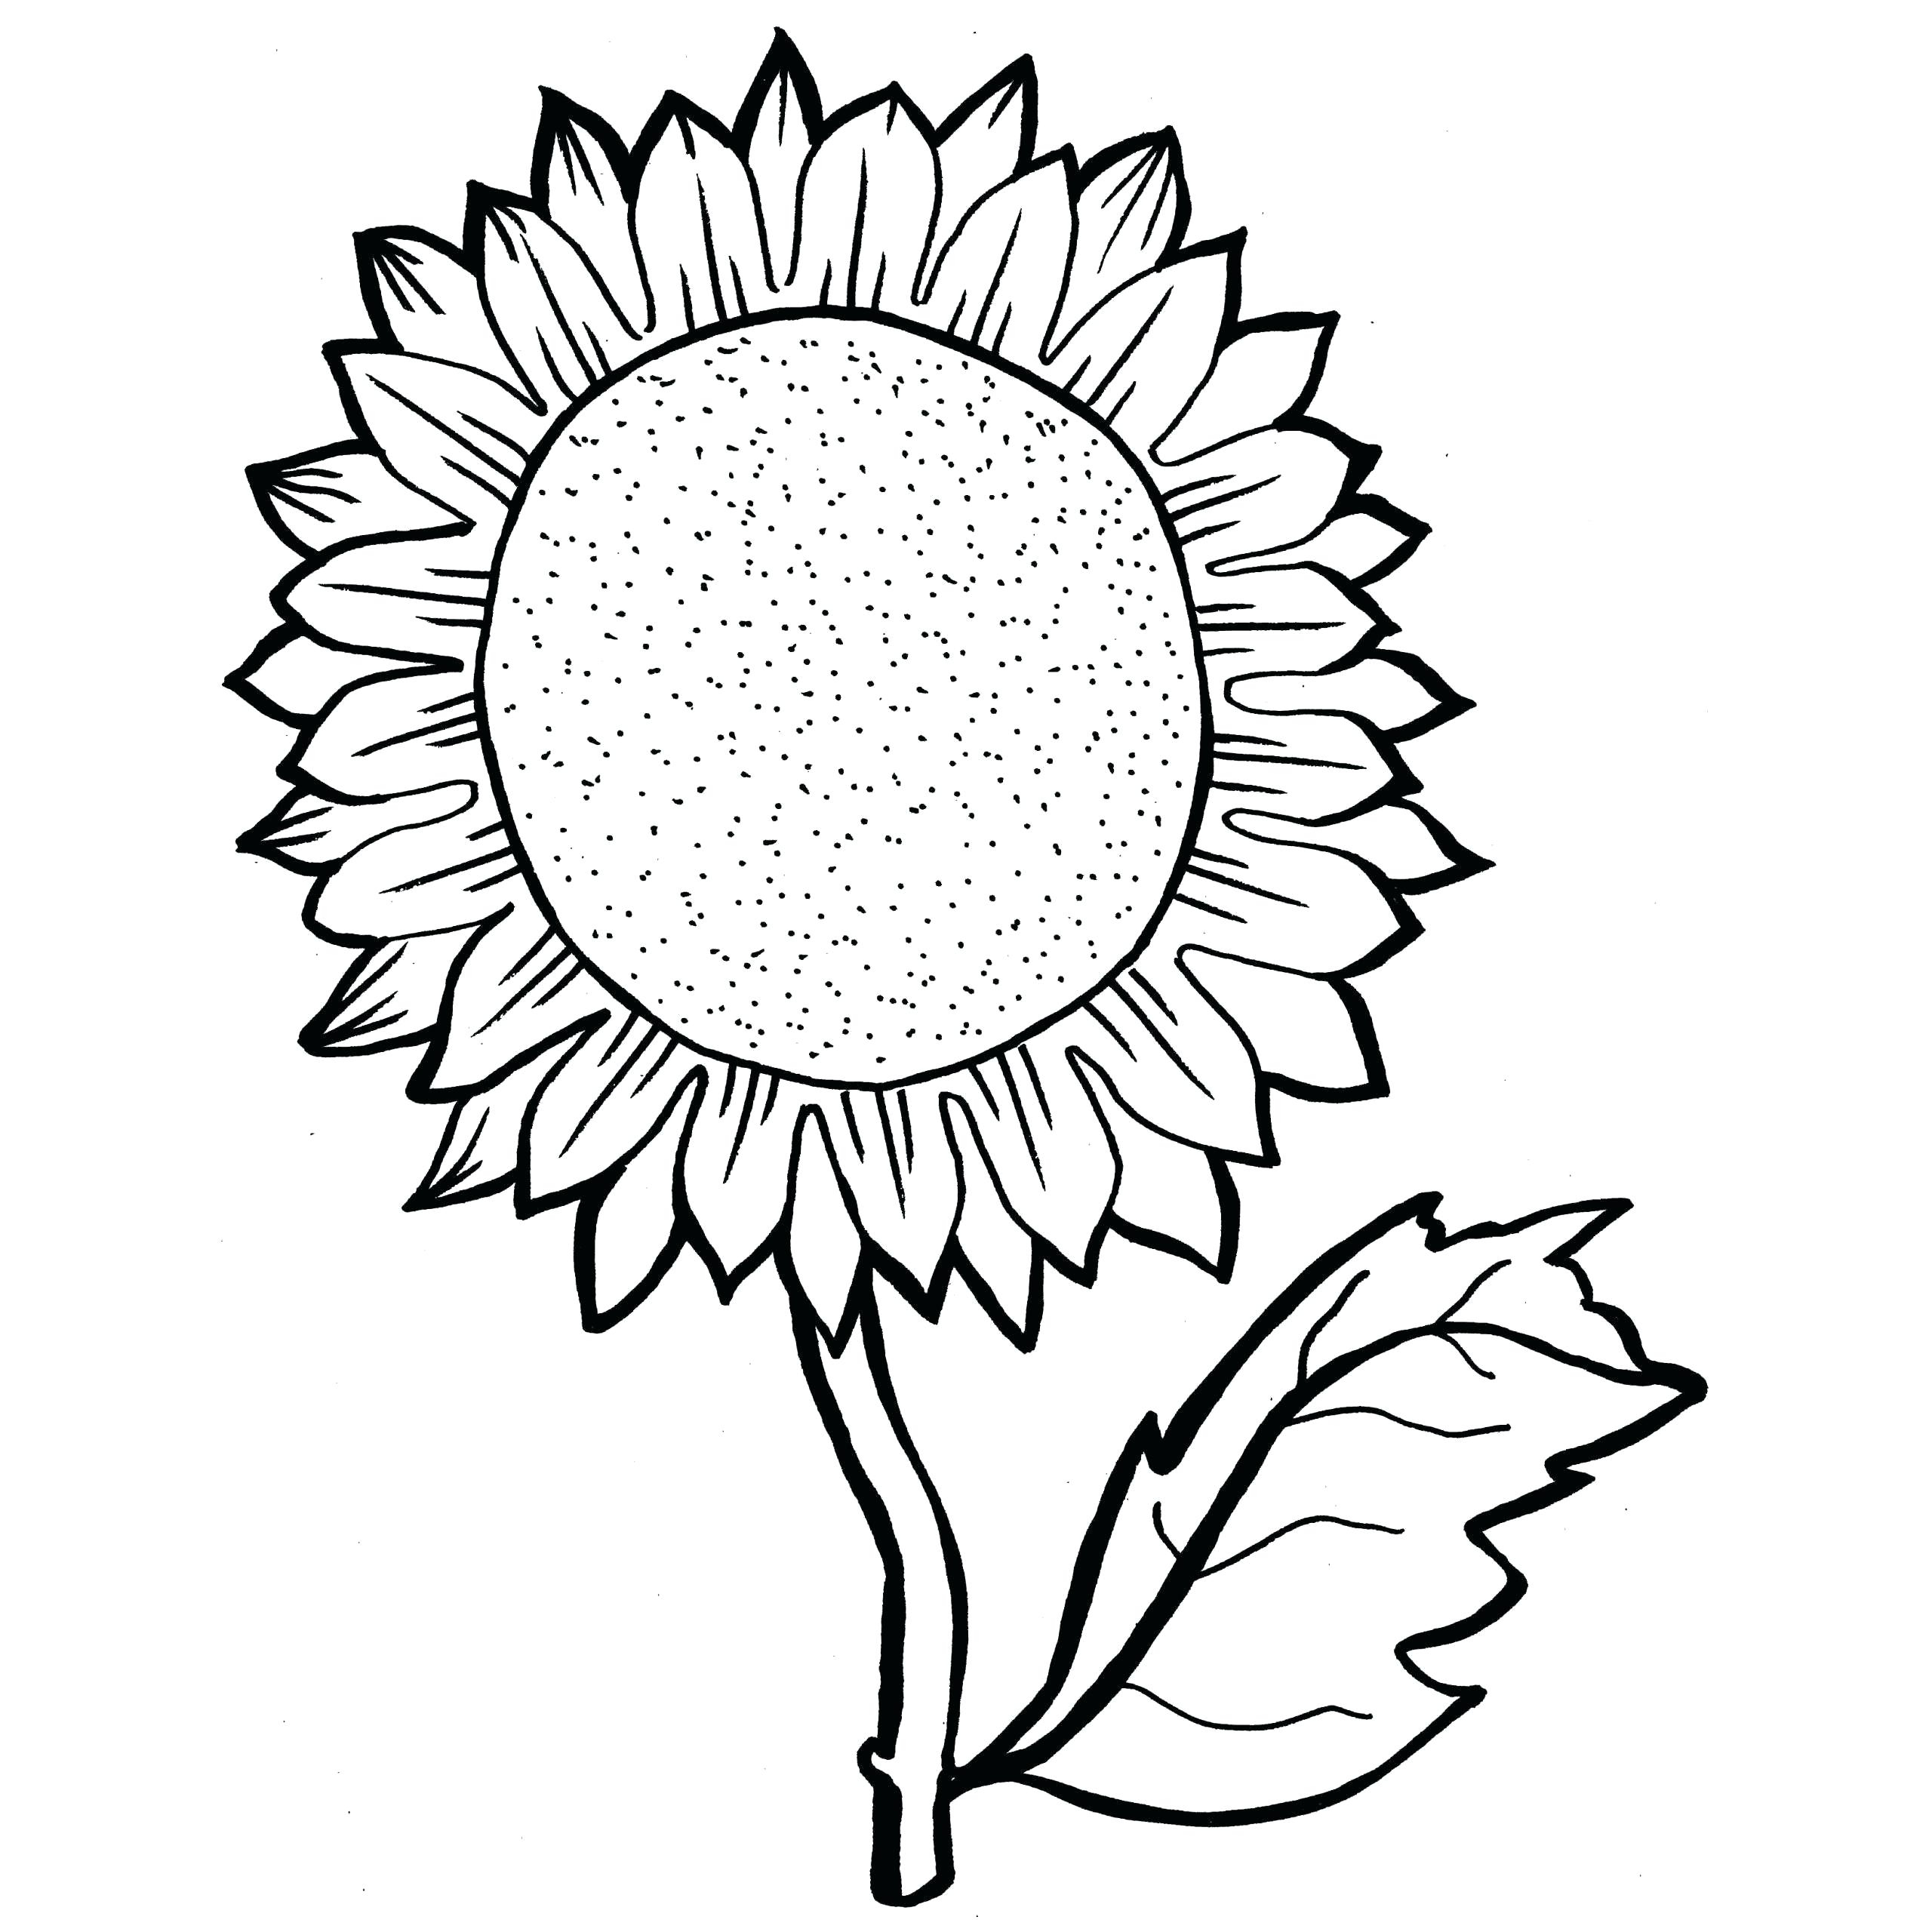 Tranh tô màu hoa hướng dương